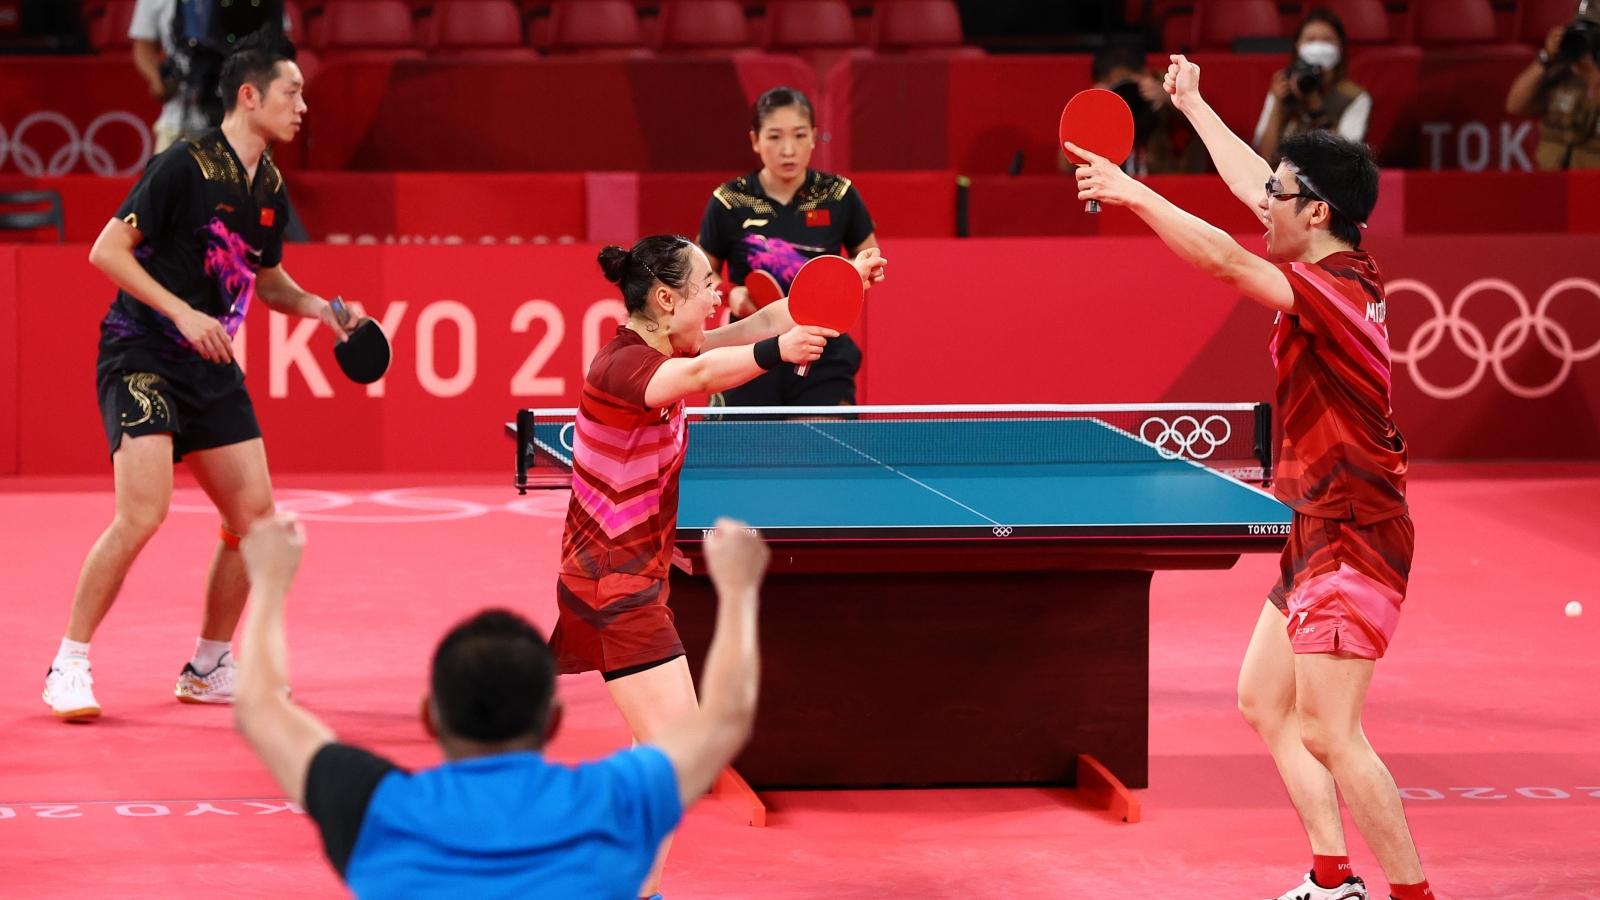 Nhật Bản phá vỡ thế độc tôn của bóng bàn Trung Quốc tại Olympic